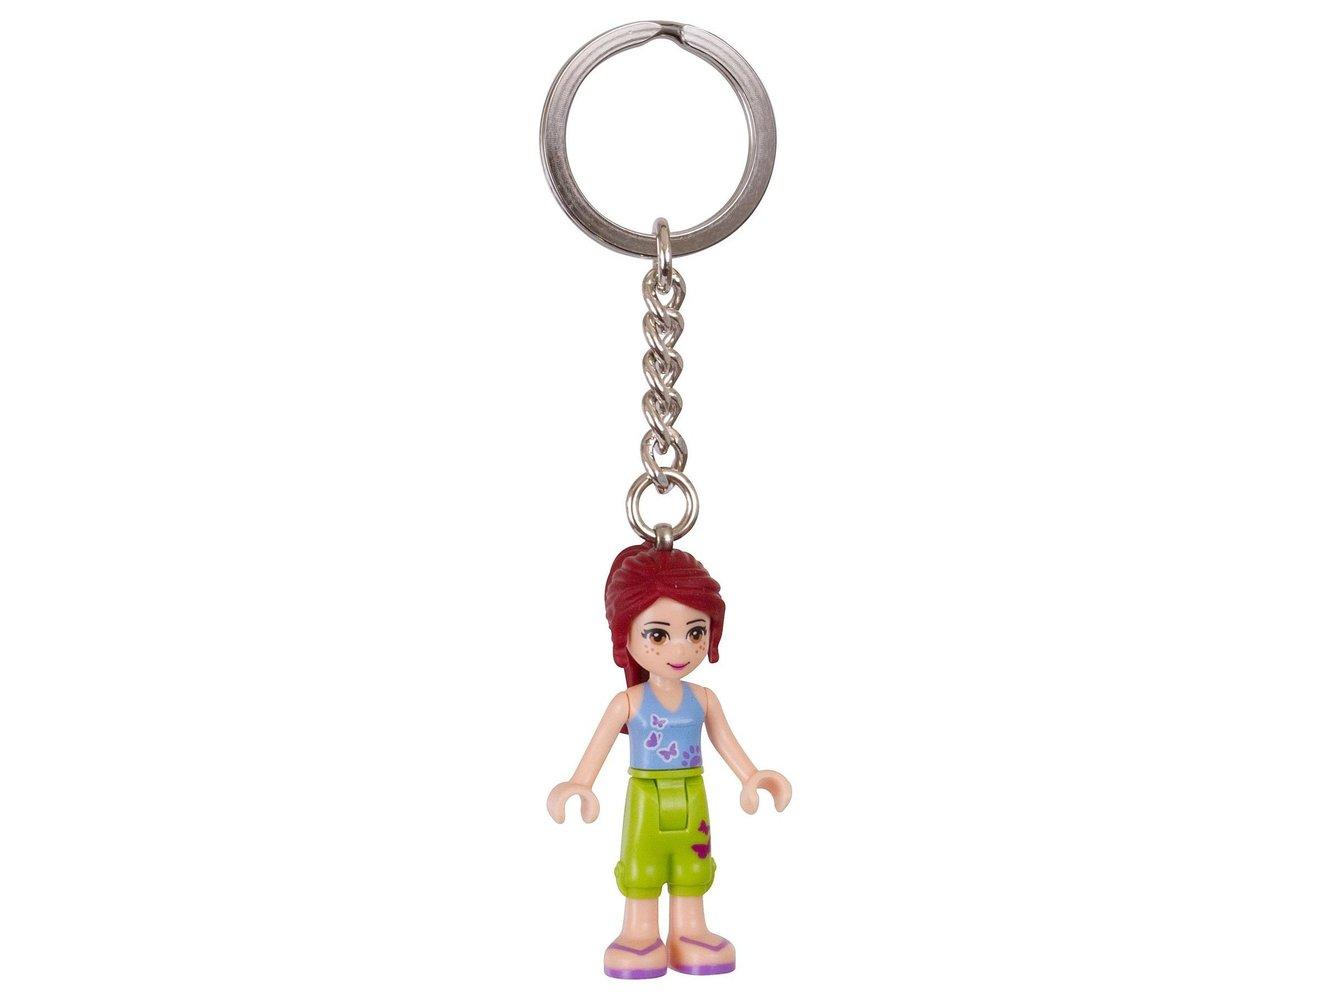 Mia Key Chain